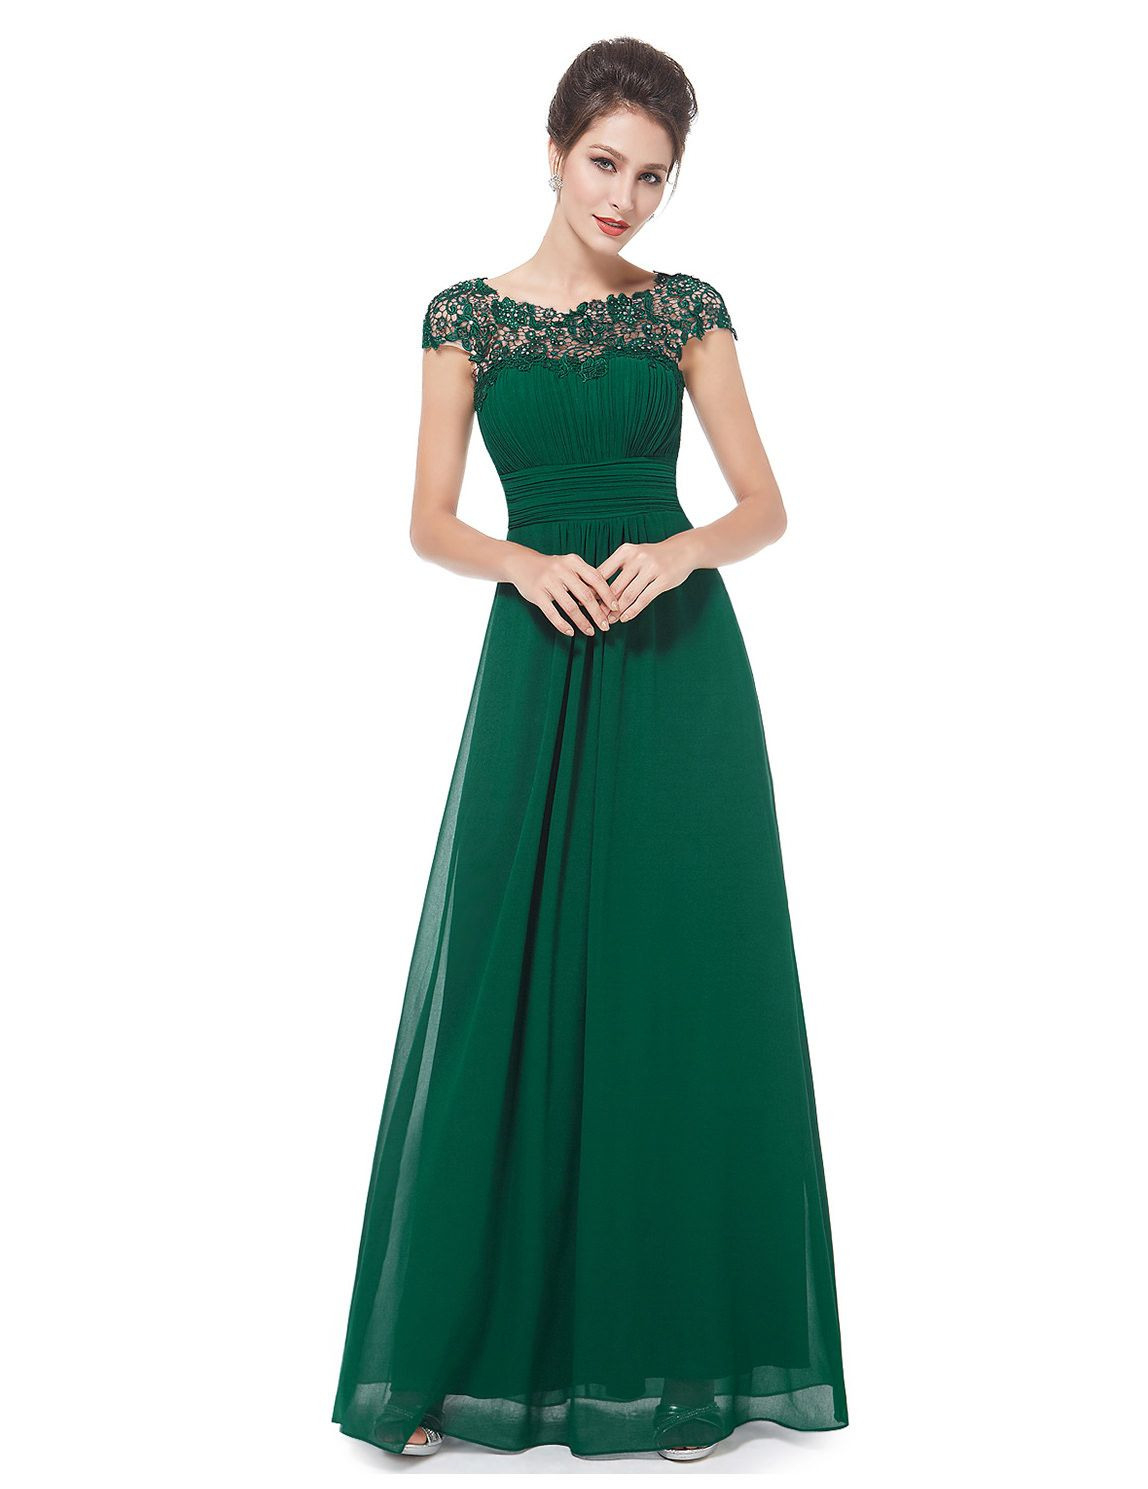 15 Perfekt Kleid Lang Grün Spezialgebiet Erstaunlich Kleid Lang Grün Design